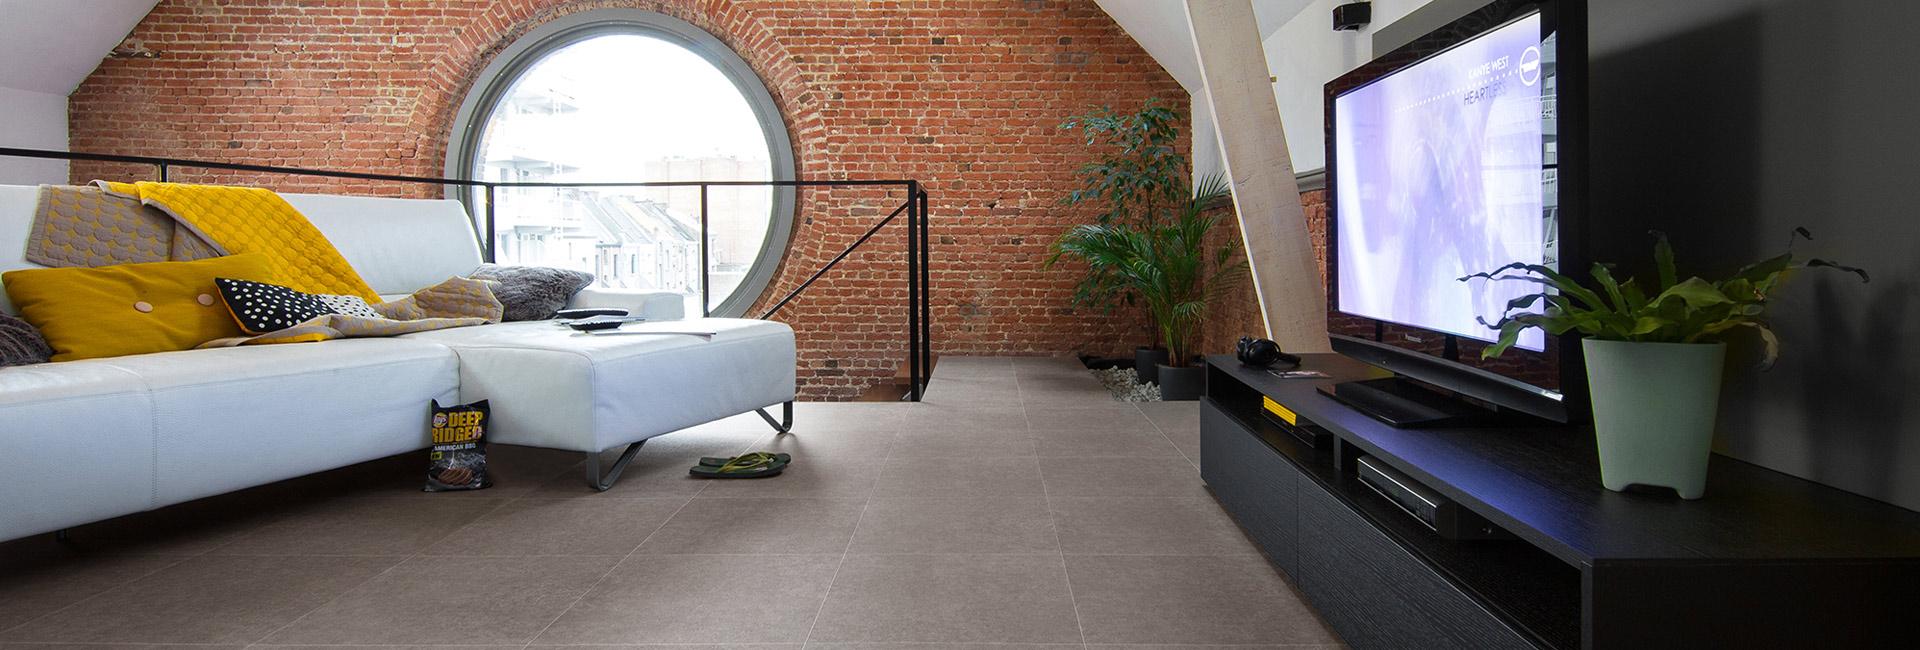 Een-goedkope-vinyl-vloer-in-je-woonkamer